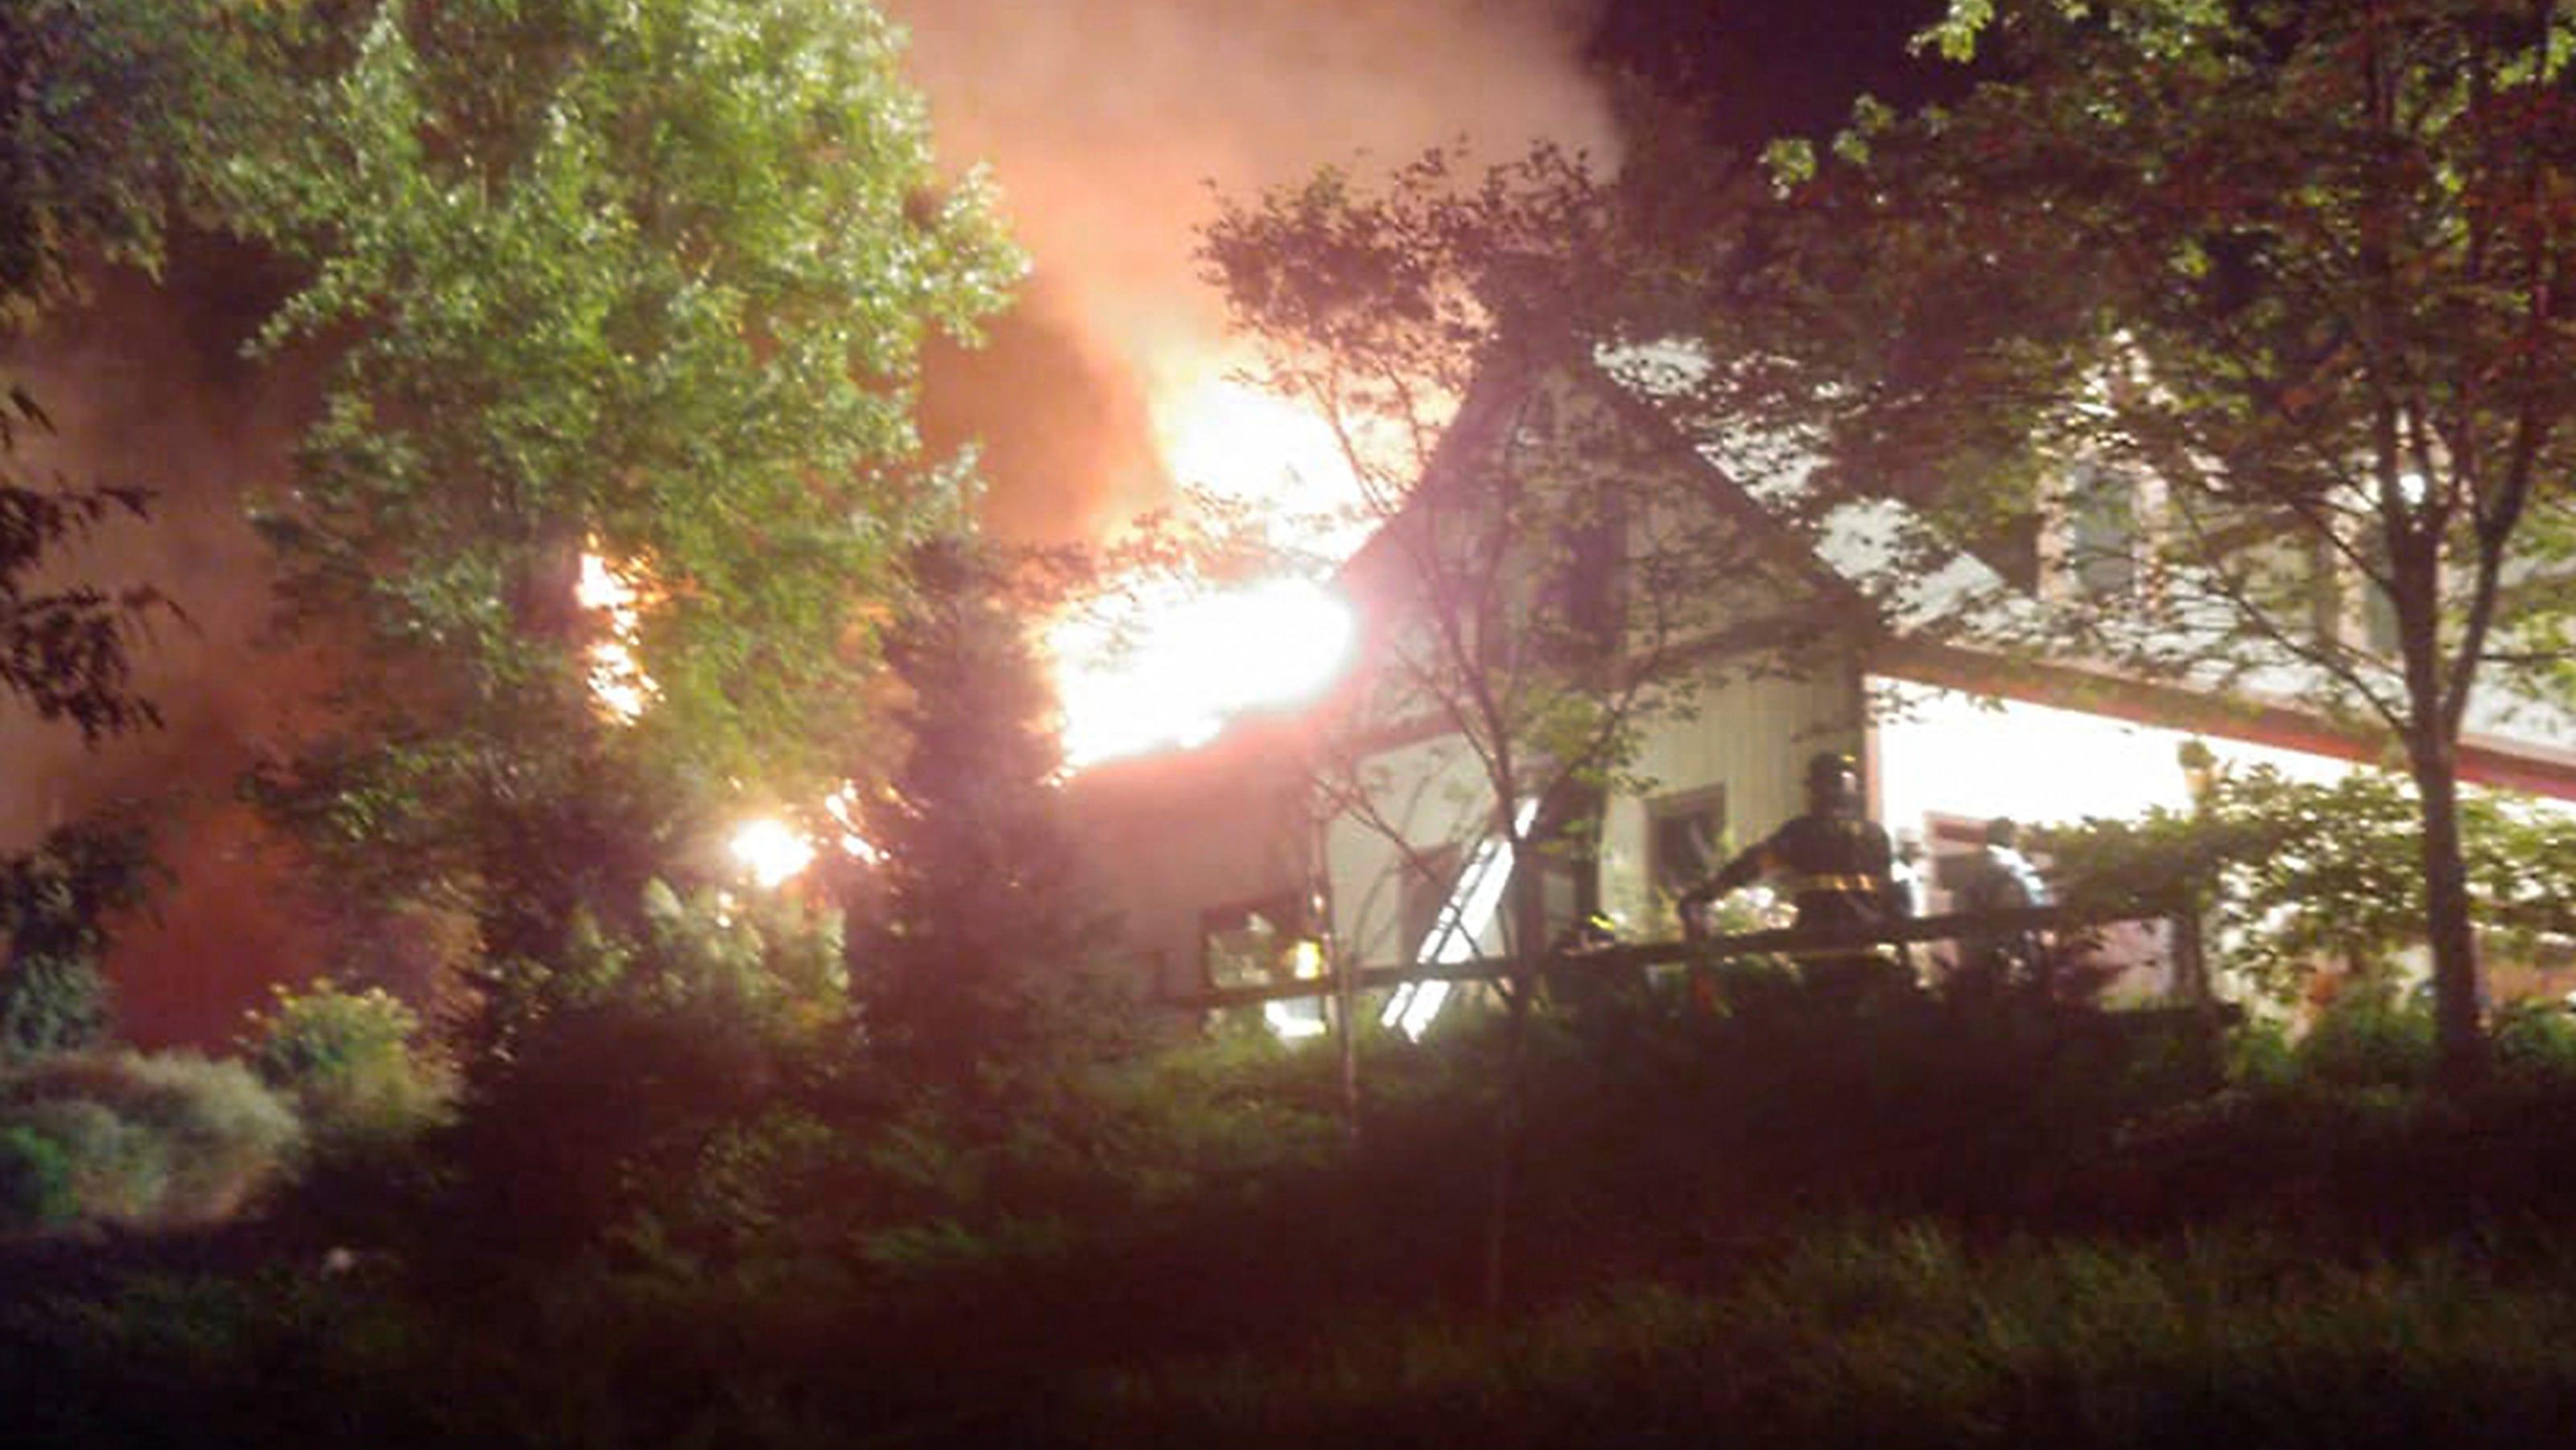 Rachael Ray house fire: TV host, family safe after fire at ...Rachael Ray House Fire Today